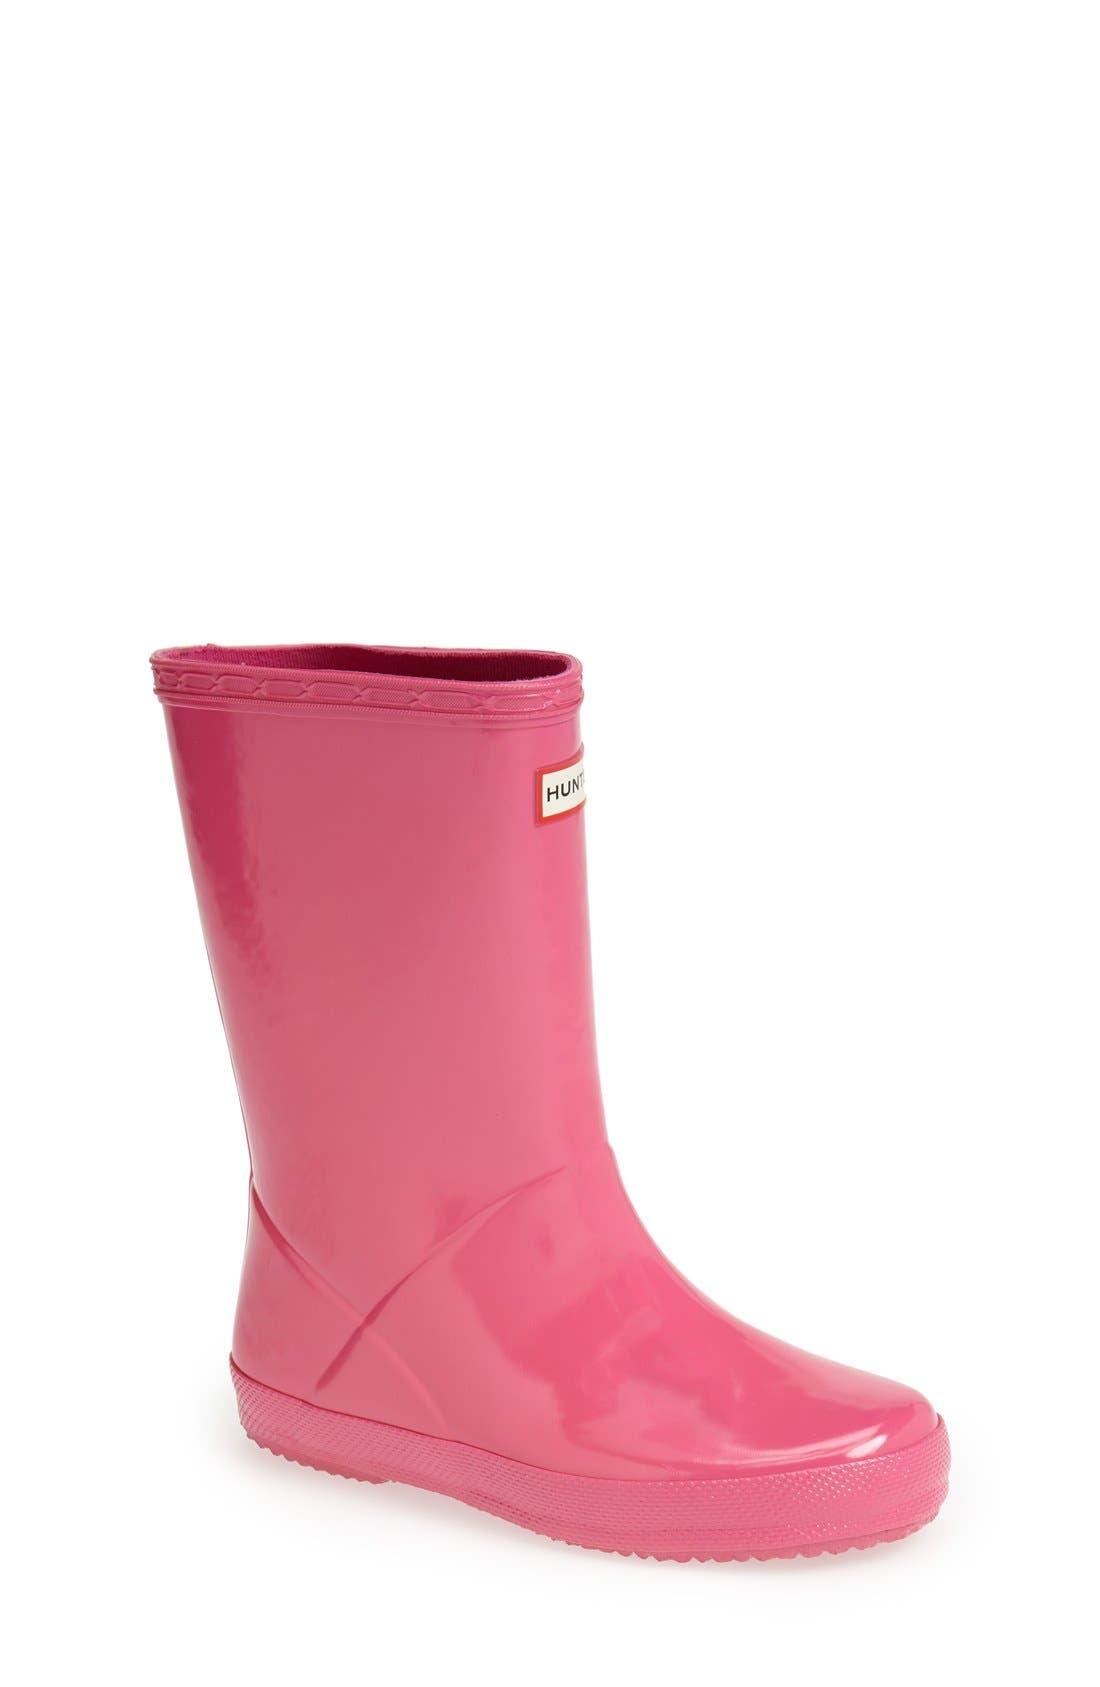 Alternate Image 1 Selected - Hunter 'First Gloss' Rain Boot (Walker, Toddler & Little Kid)